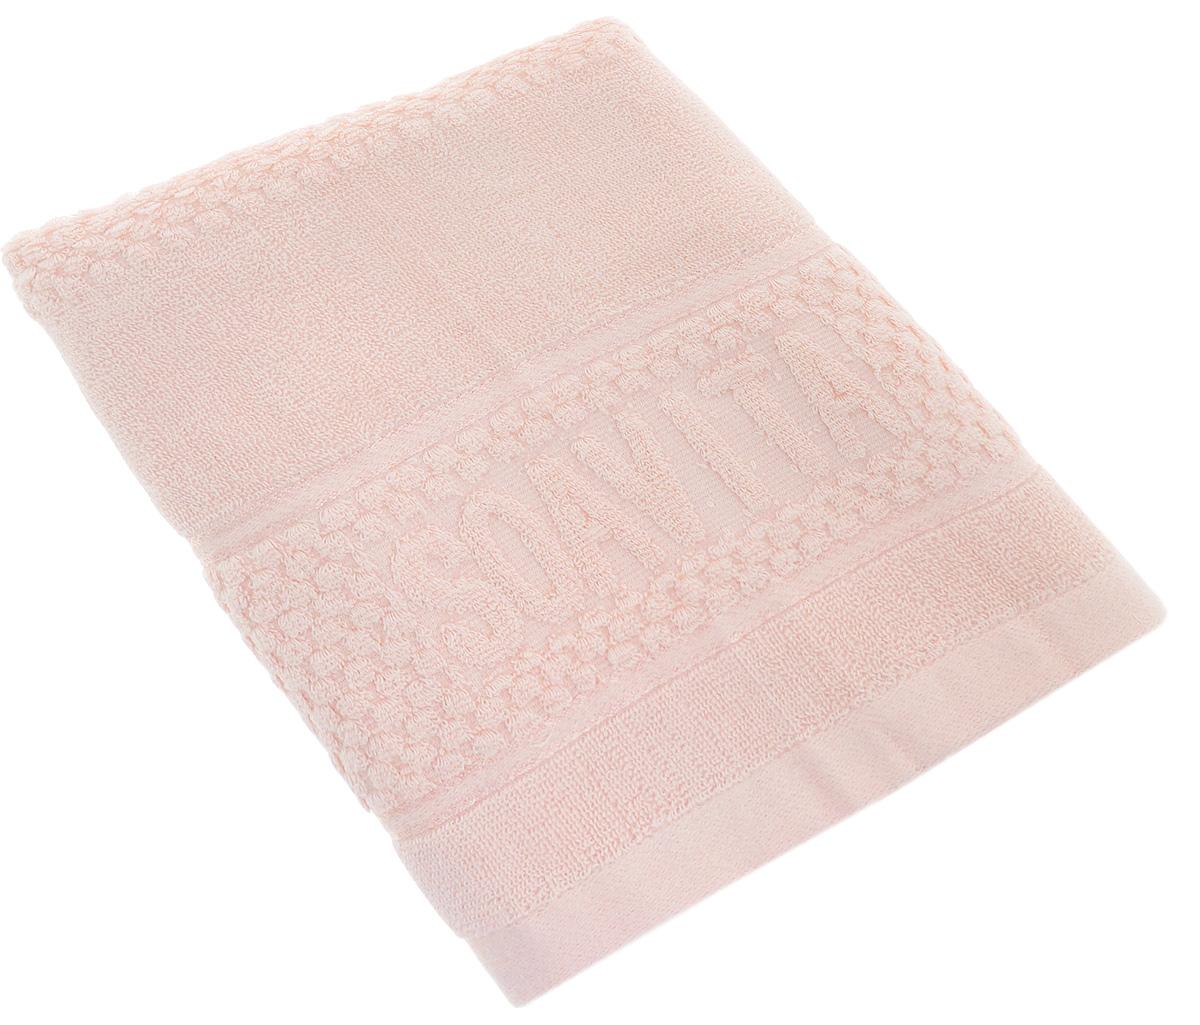 Полотенце Soavita, цвет: розовый, 50 х 100 см64180Полотенце Soavita выполнено из 100% хлопка. Изделие отлично впитывает влагу, быстро сохнет, сохраняет яркость цвета и не теряет форму даже после многократных стирок. Полотенце очень практично и неприхотливо в уходе. Оно создаст прекрасное настроение и украсит интерьер в ванной комнате.